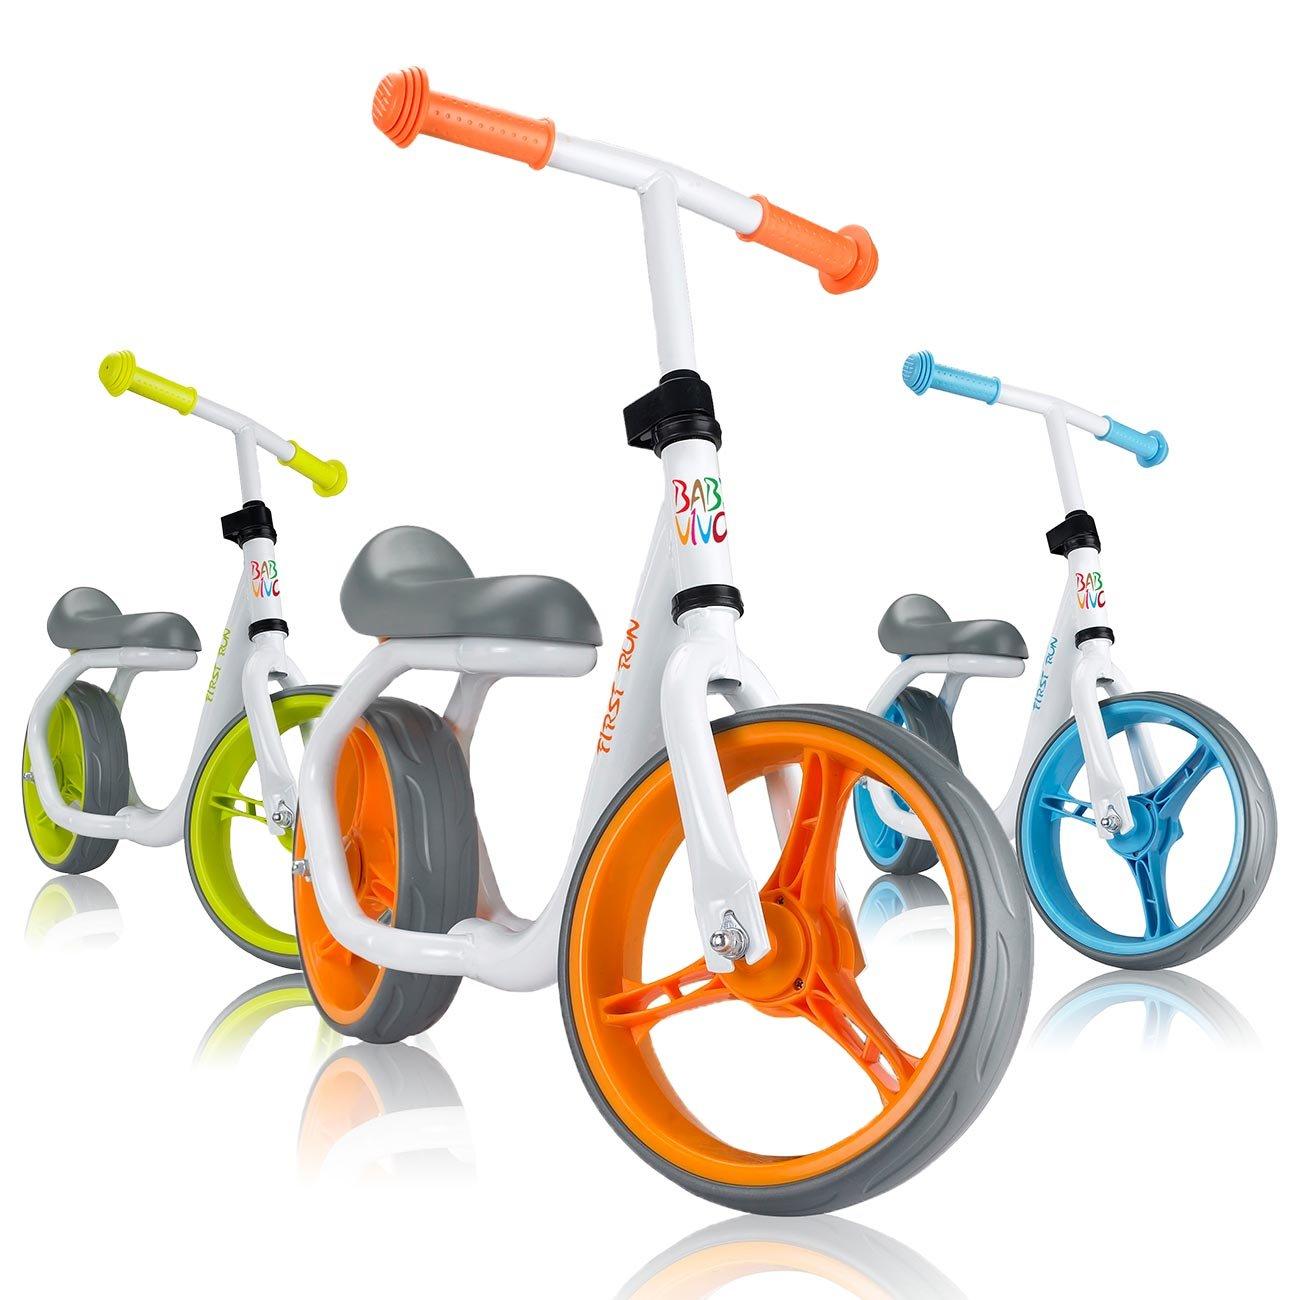 Baby Vivo Bicicleta de Equilibrio Bicicleta sin Pedales Niños Sillín Bici regulable